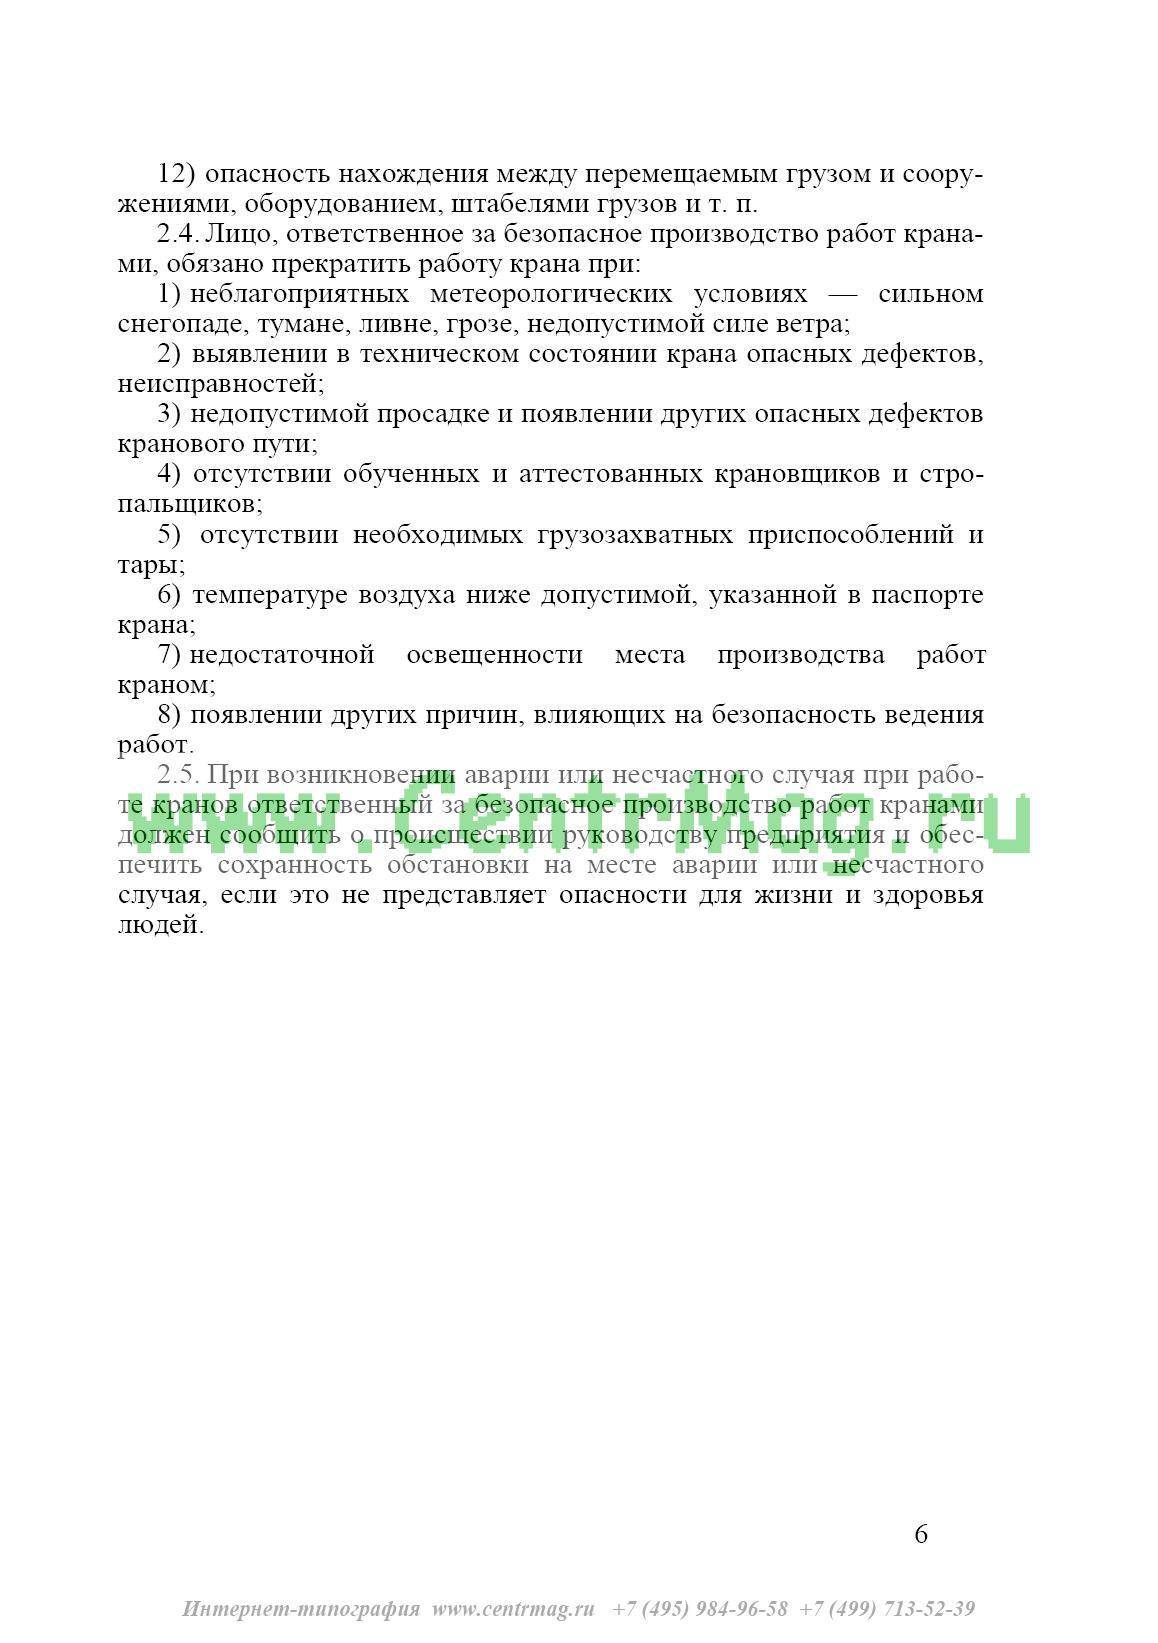 Должностная Инструкция Для Ответственных За Безопасное Производство Кранами